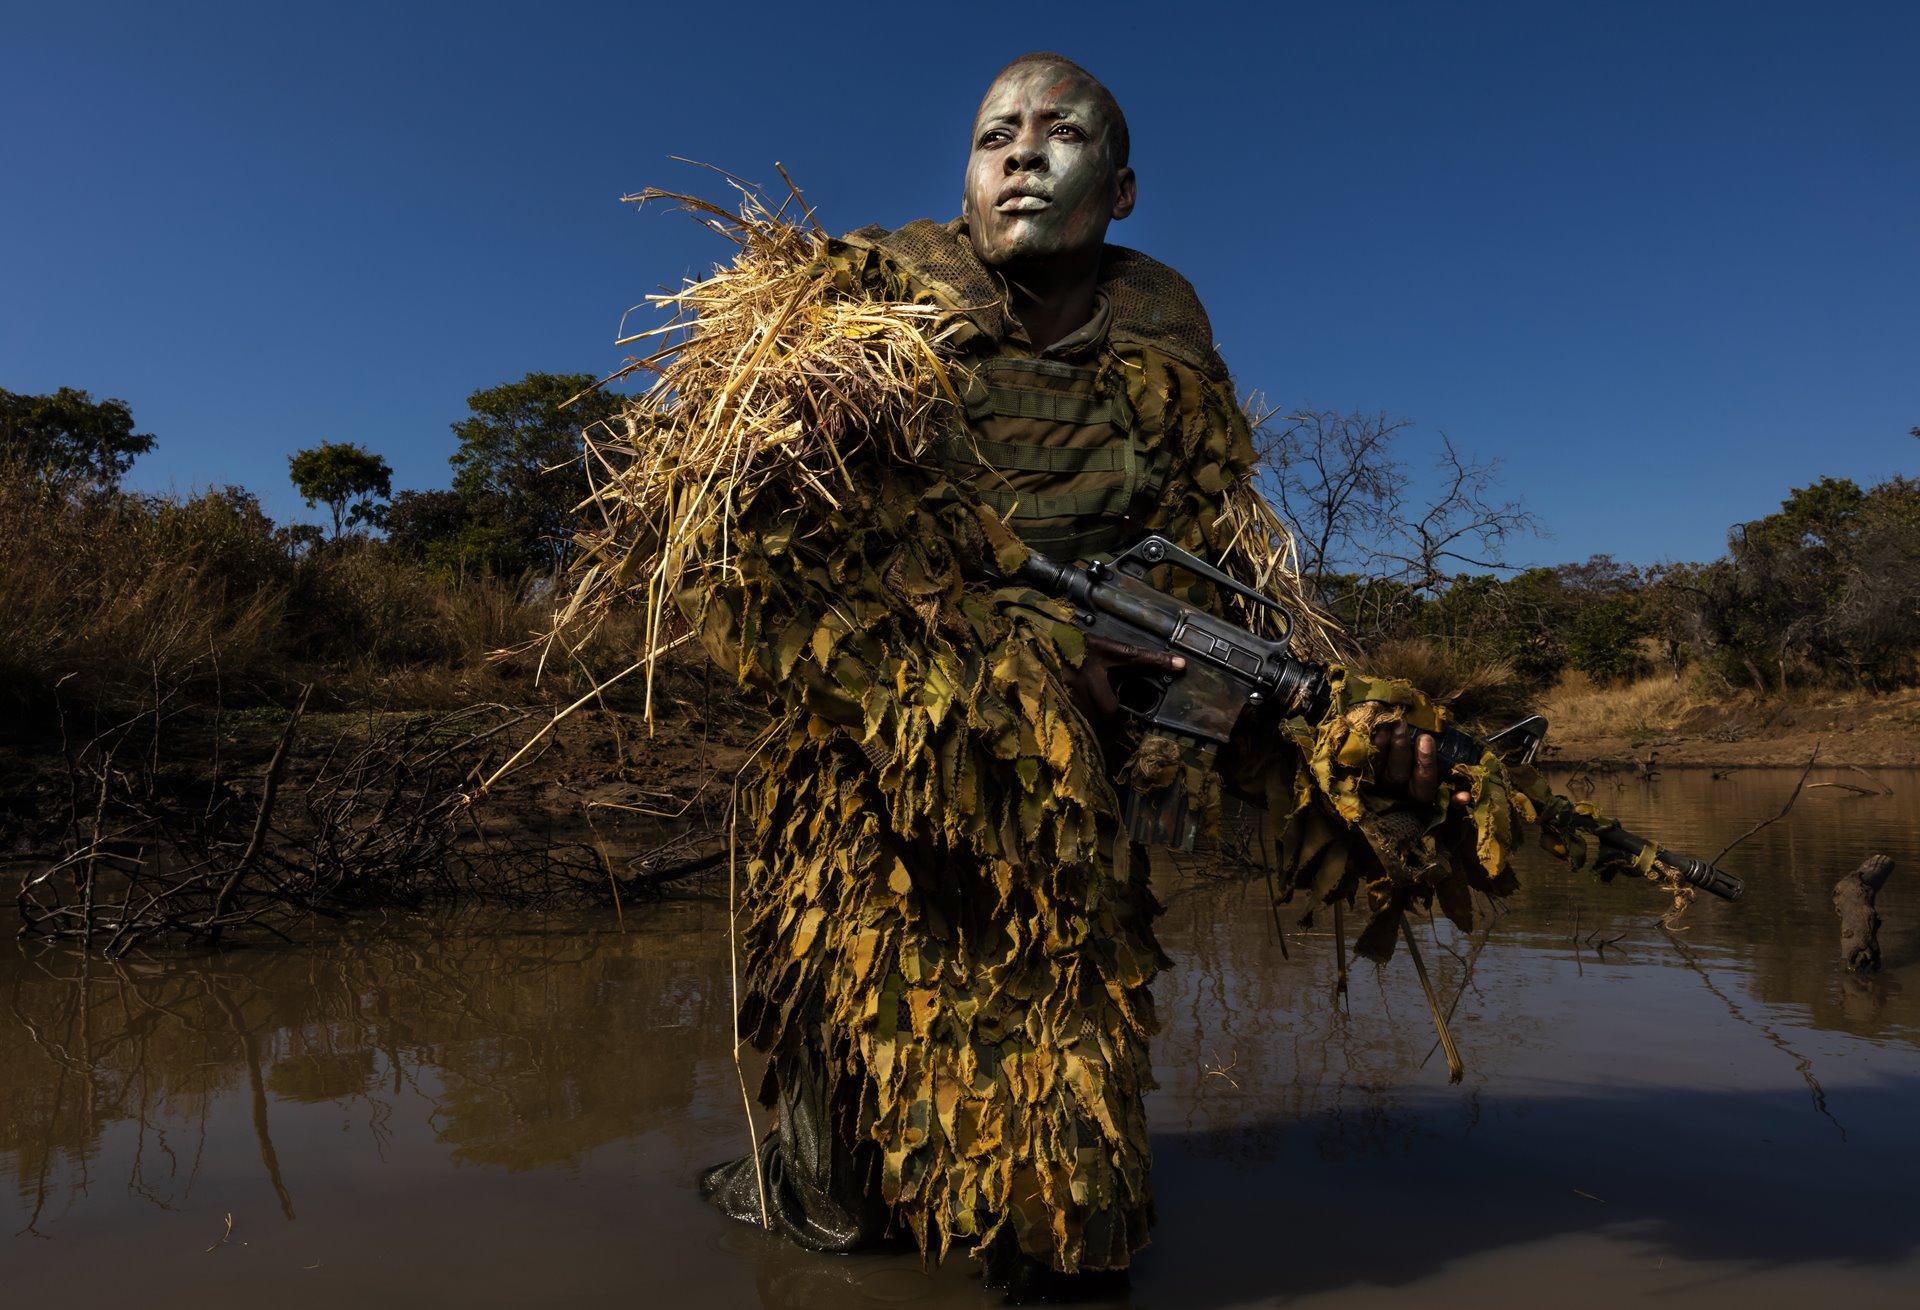 Petronella Chigumbura (30), miembro de una unidad femenina contra la caza furtiva llamada Akashinga, participa en un entrenamiento de ocultación en el Parque de Vida Silvestre de Phundundu, Zimbabwe / Foto: Brent Stirton (Getty Images)